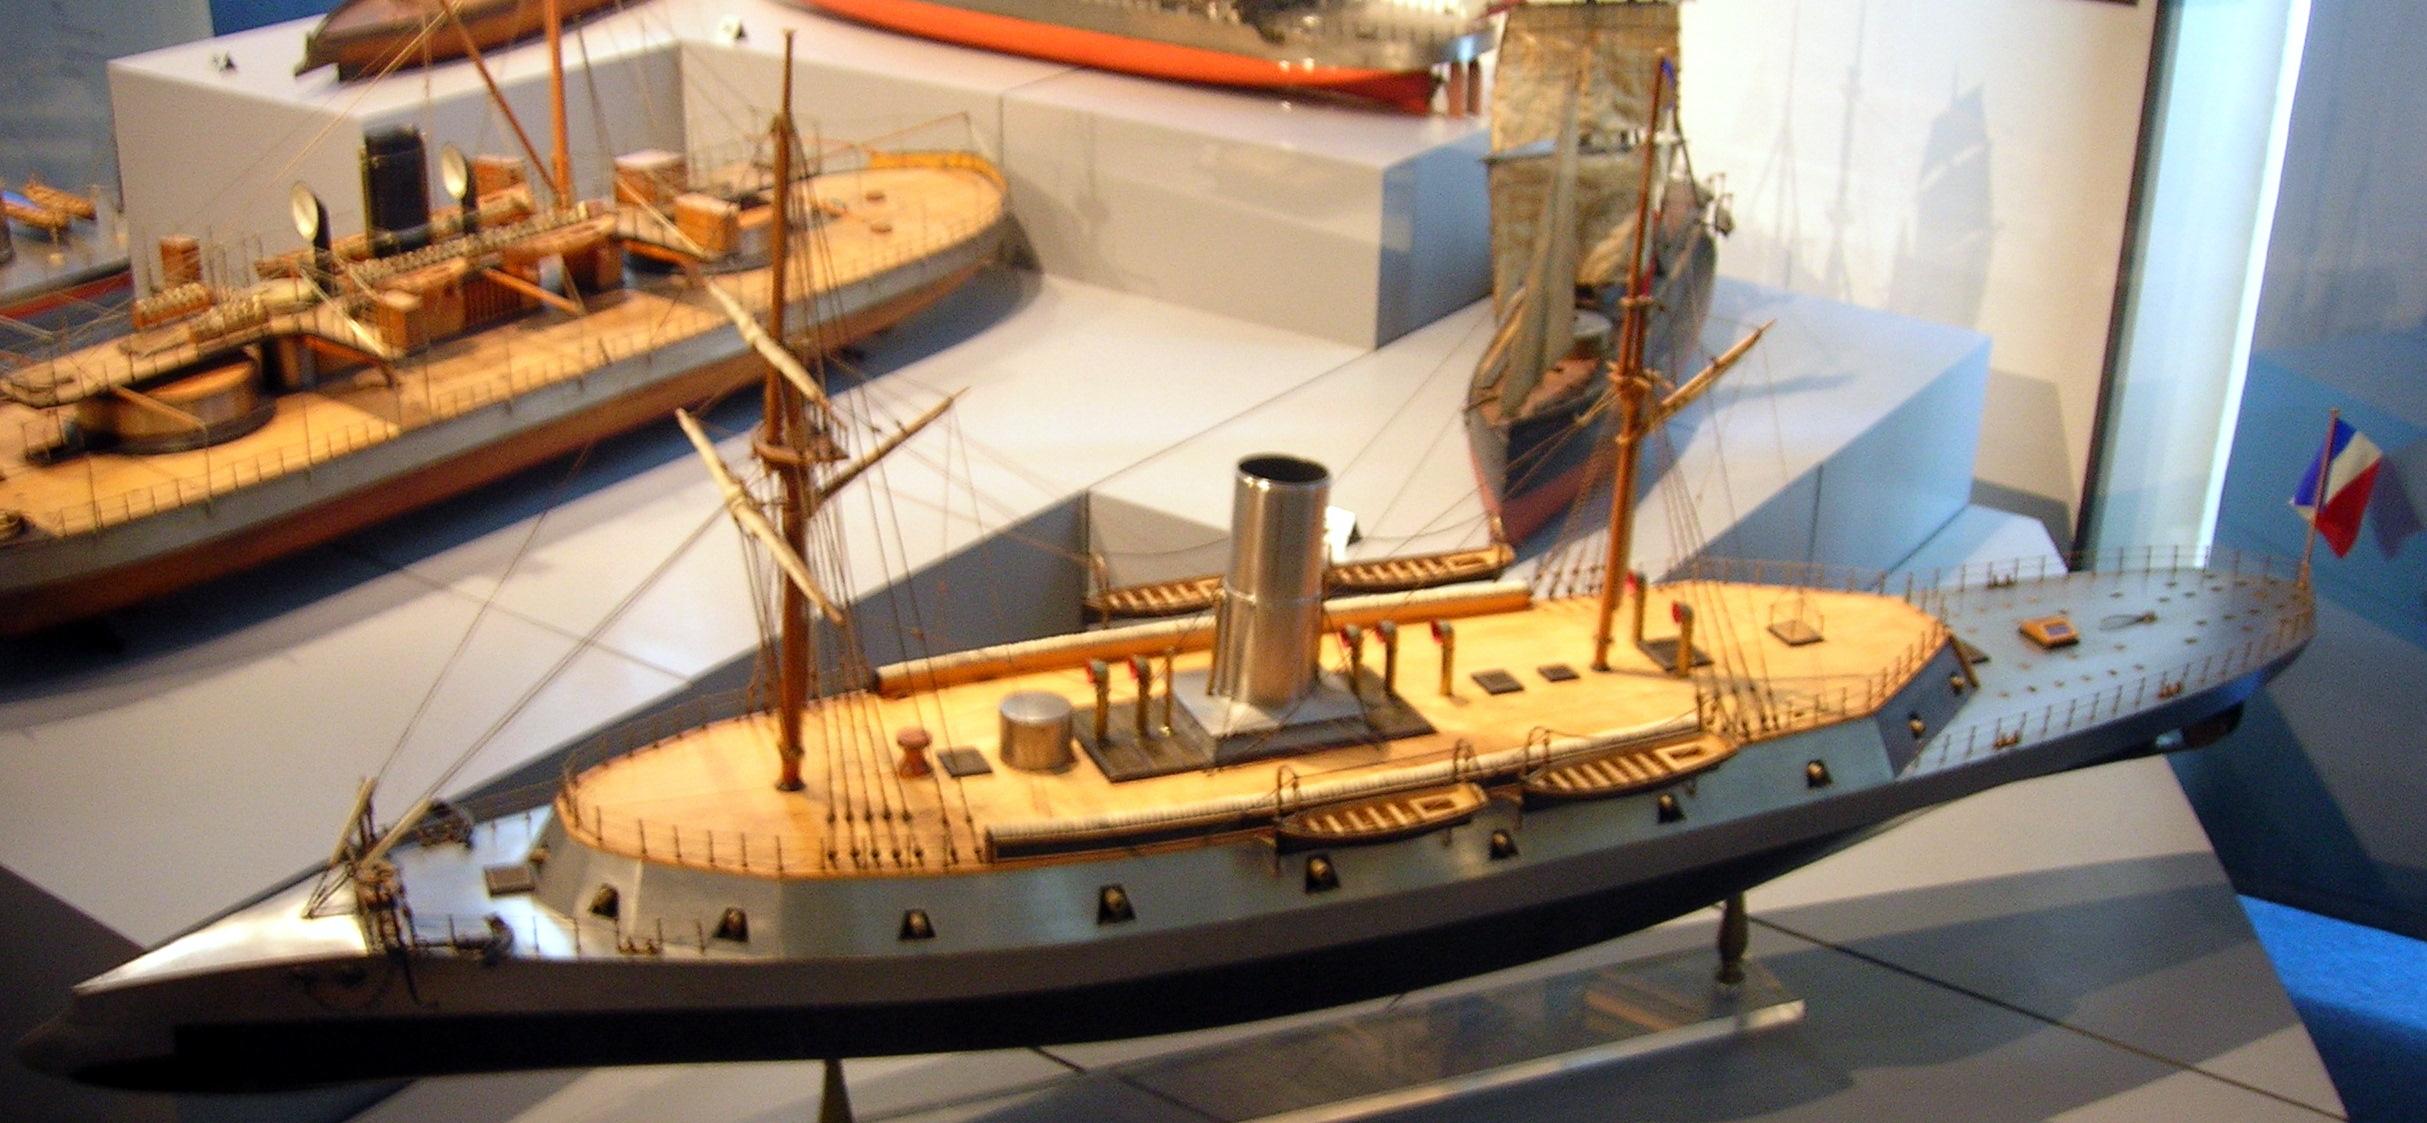 Monitor-like vessel model 2.jpg